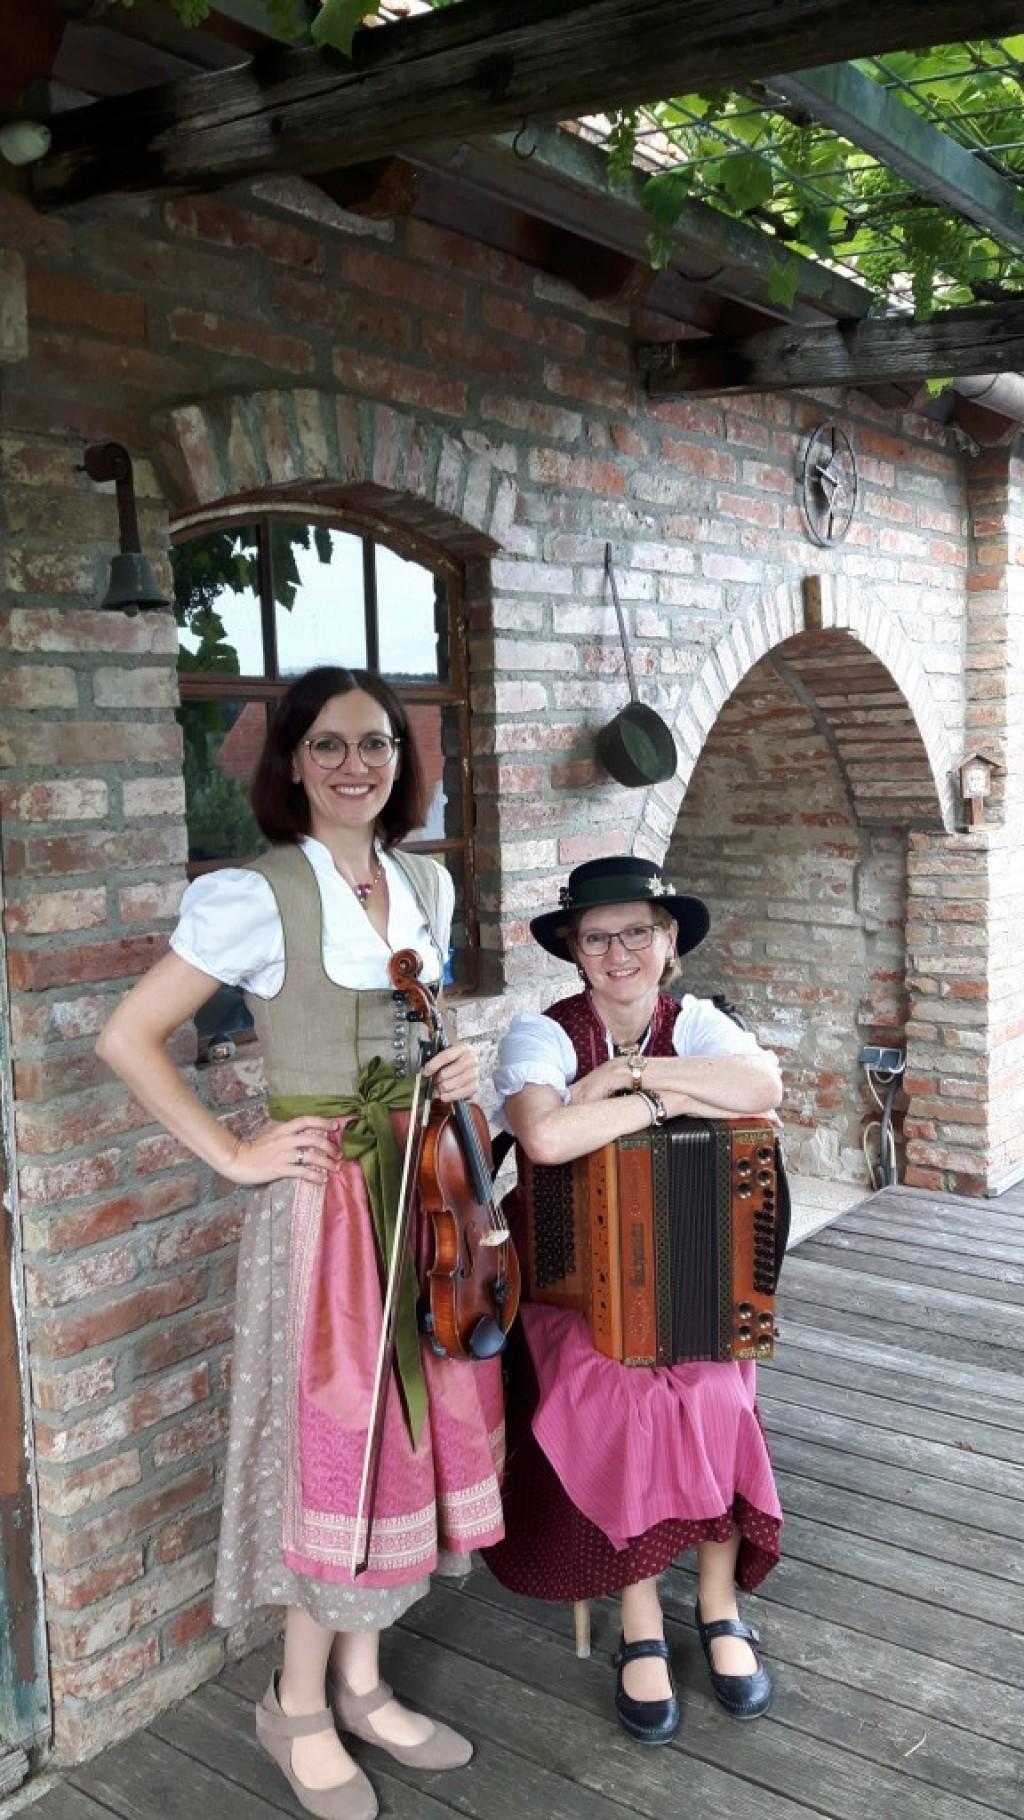 Bild von Gruppe D'Steirische Geign